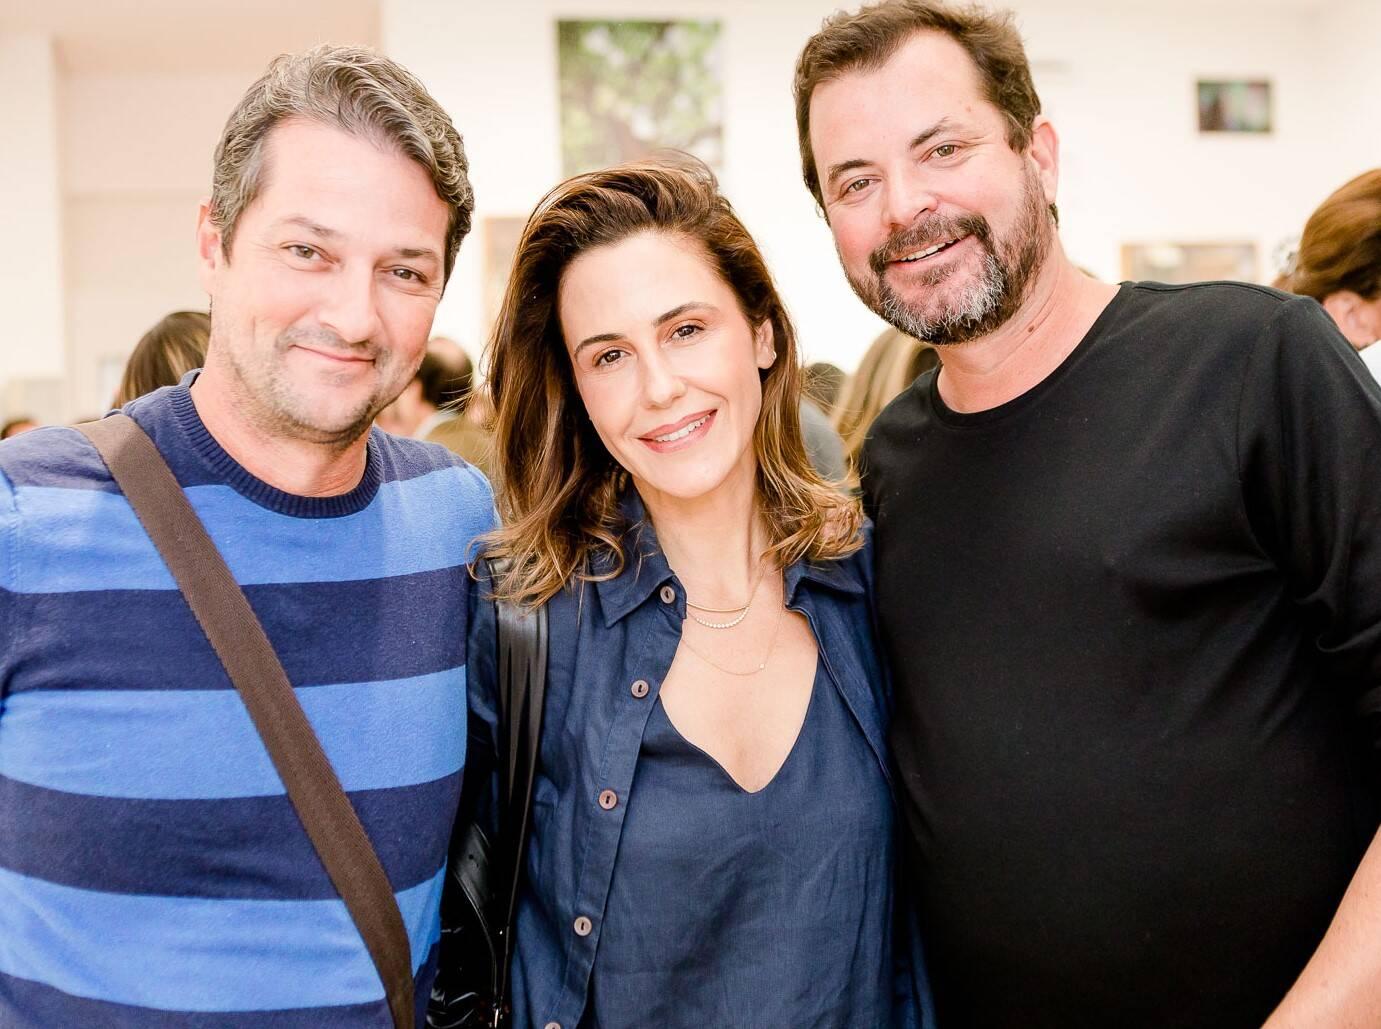 Marcelo Serrado, Guilhermina Guinle e Miguel Pinto Guimarães  /Foto: Bruno Ryfer